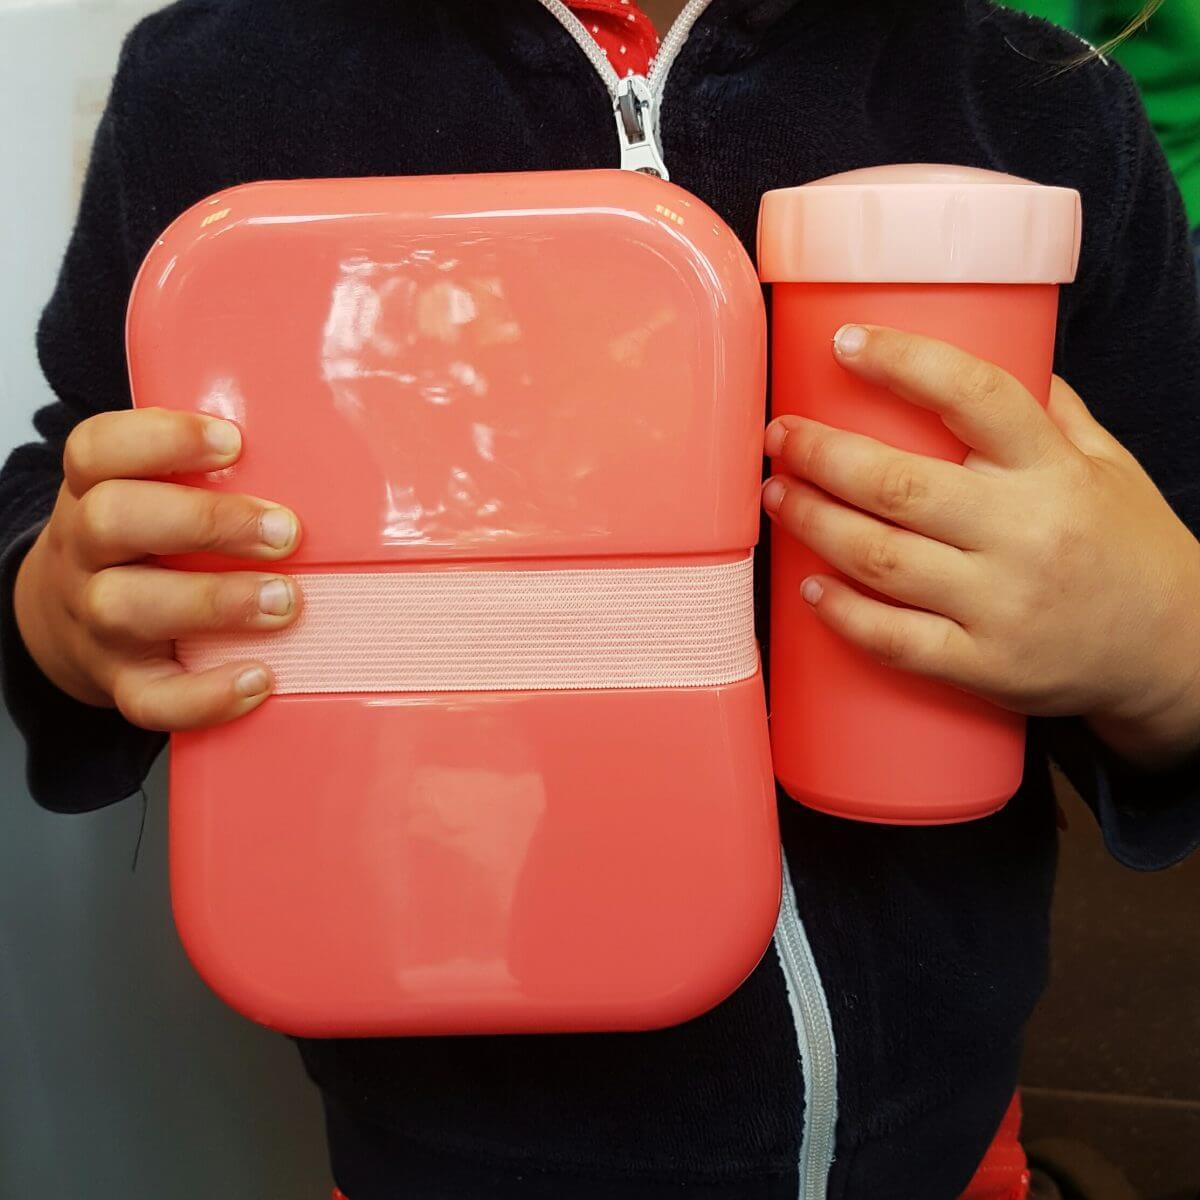 De leukste broodtrommels en drinkbekers voor school Hema broodtrommel en beker